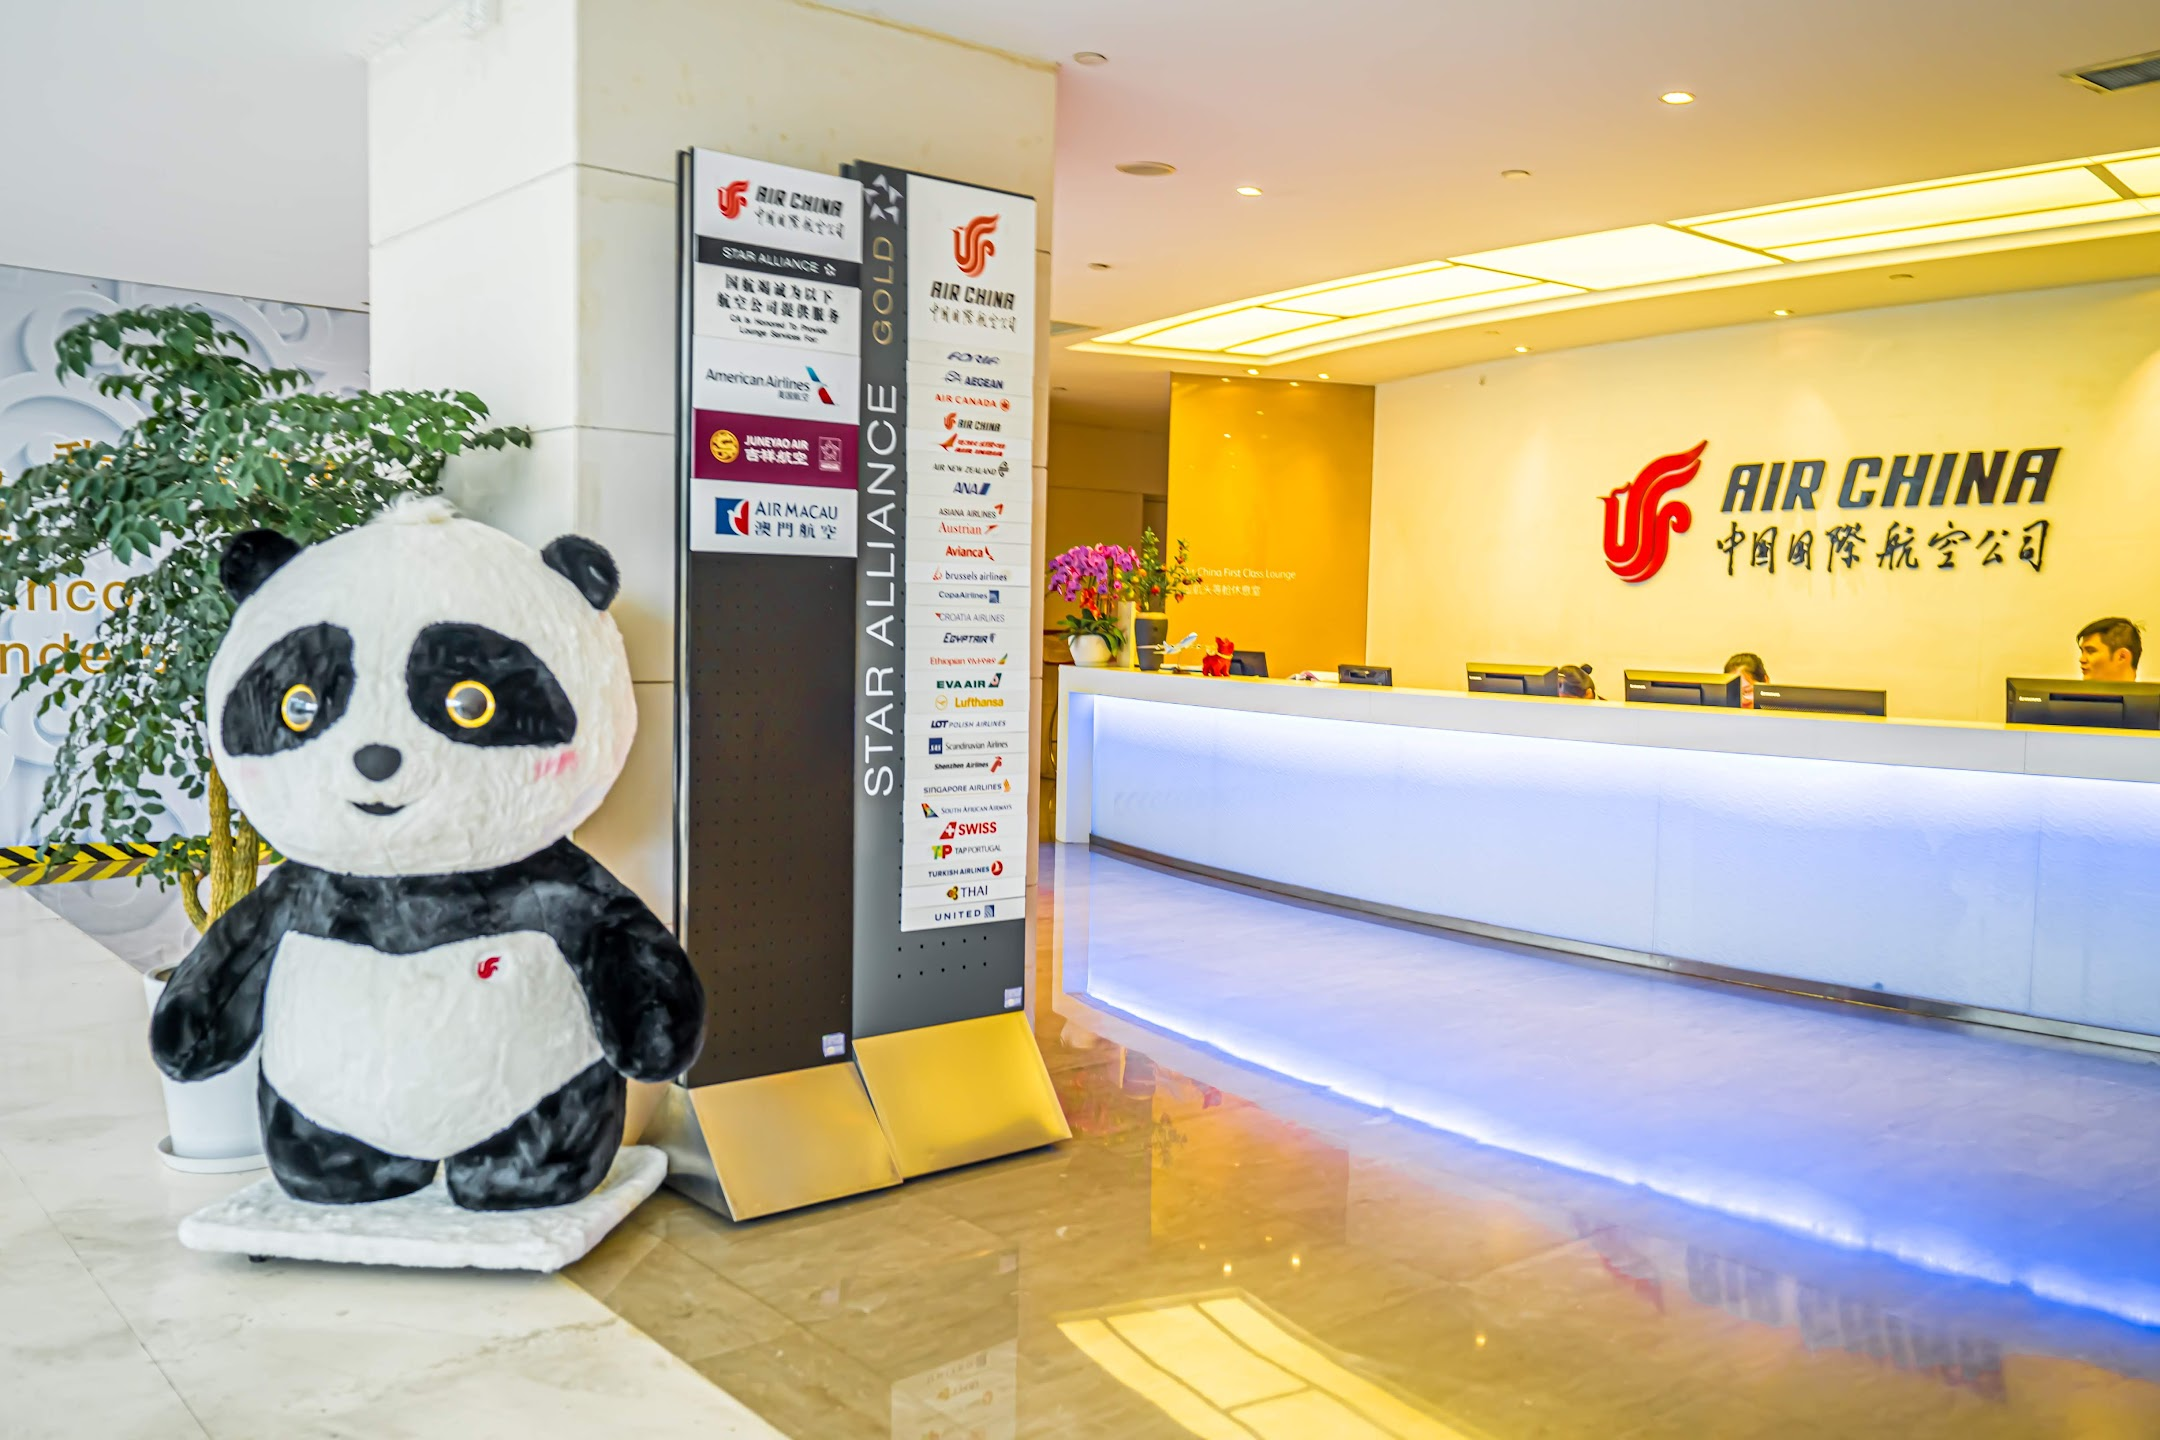 上海浦東国際空港 パンダ中国国際航空(Air China) ラウンジ1